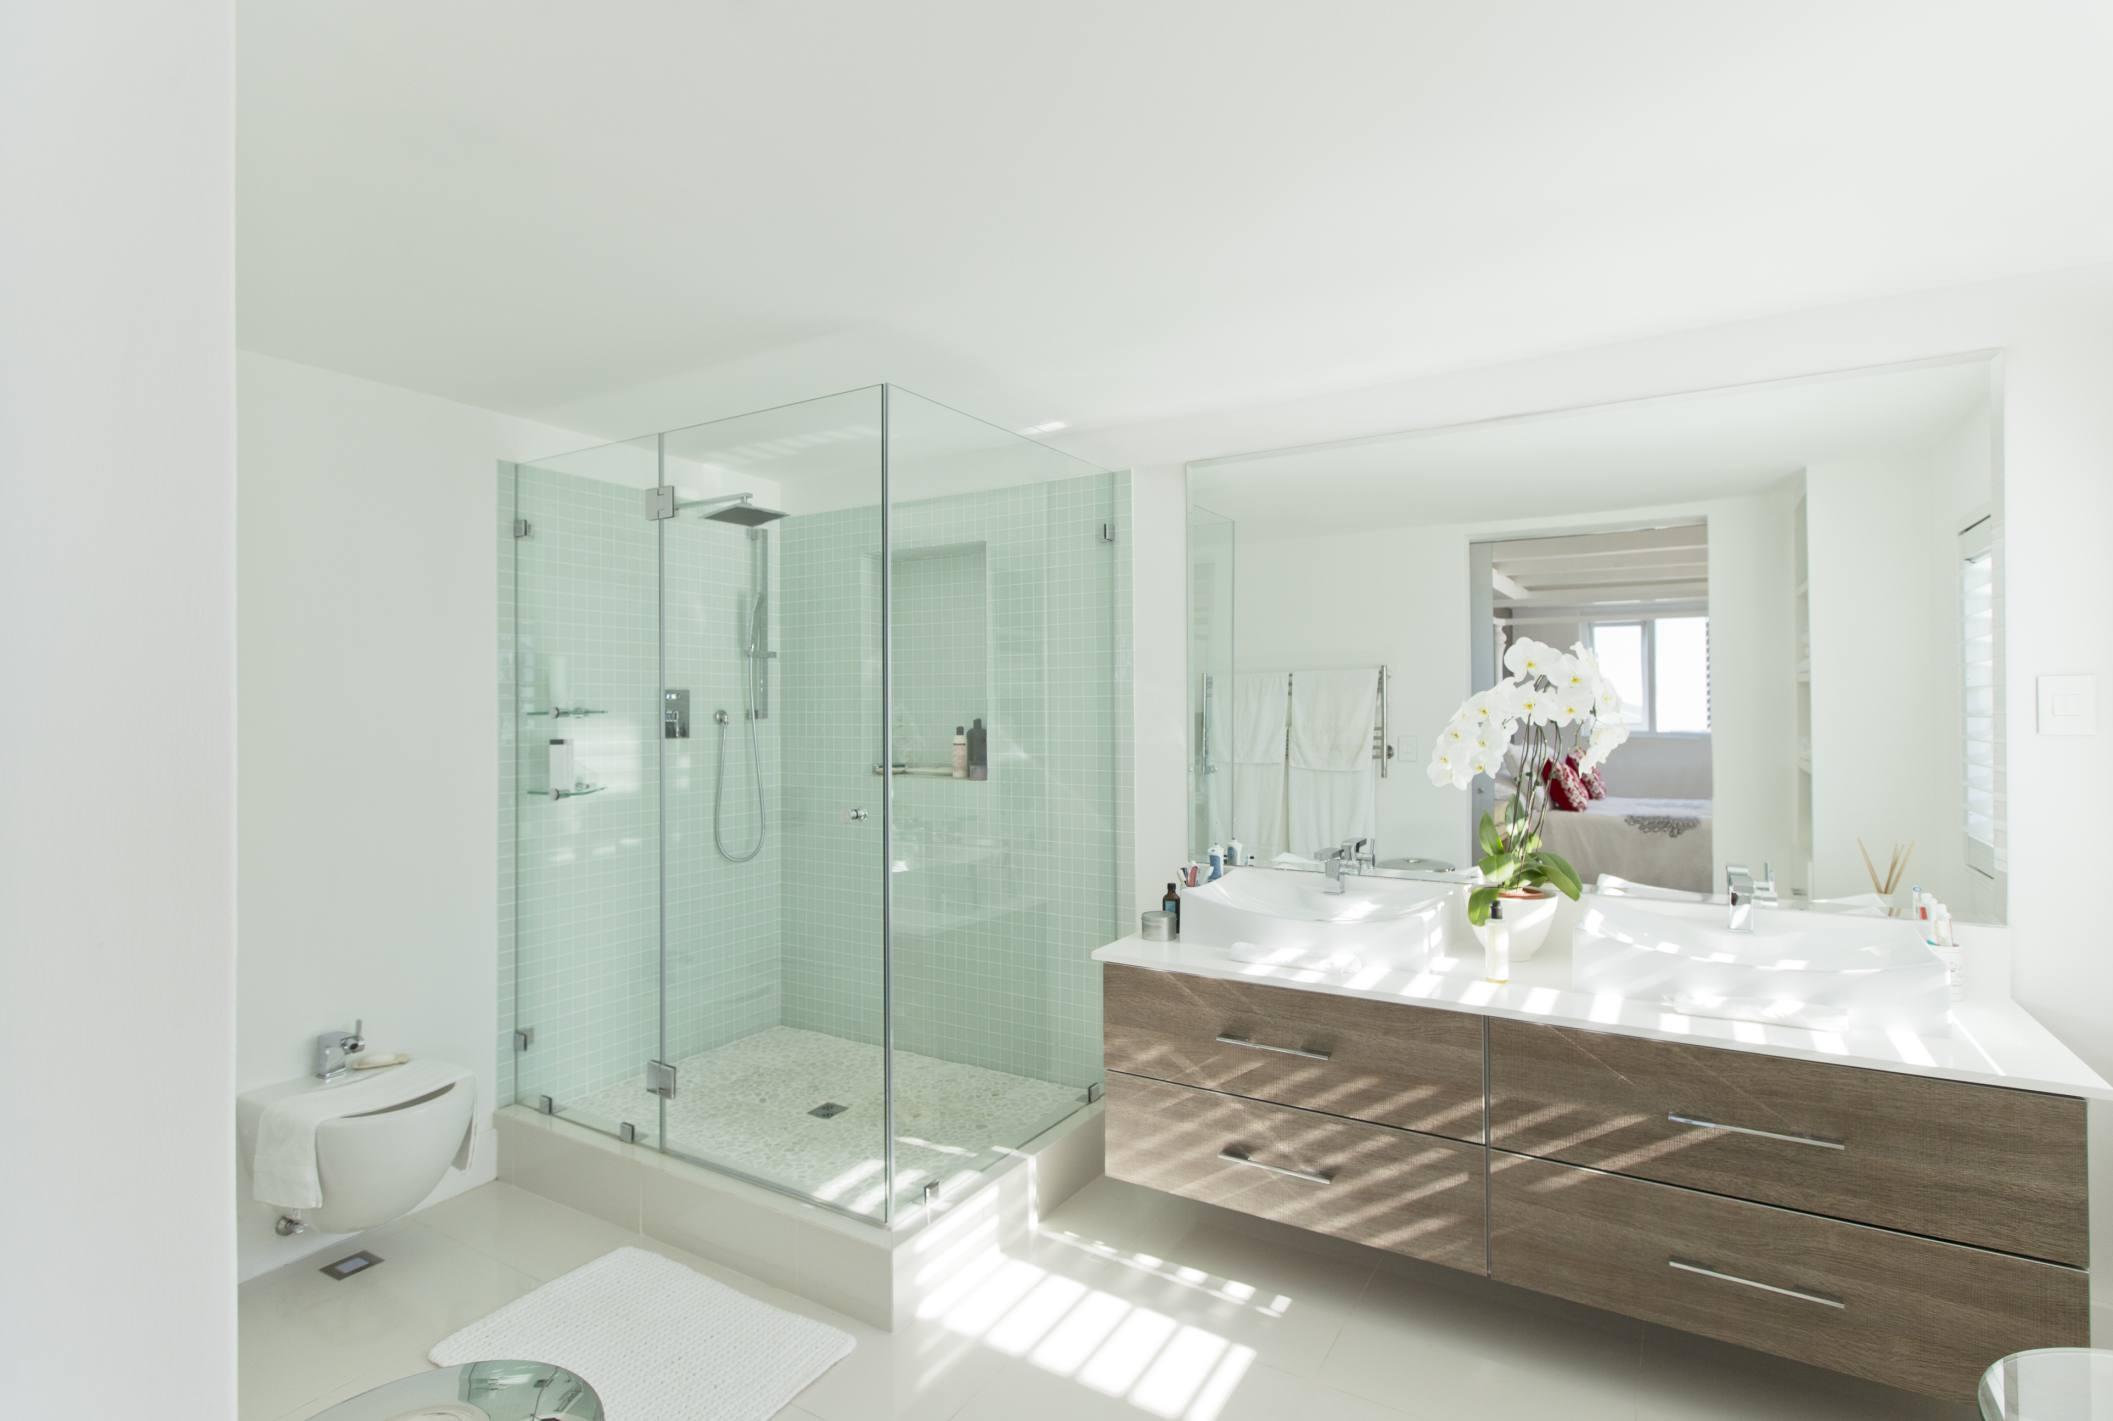 Baño con encimera en voladizo y ducha sin marco 177243700